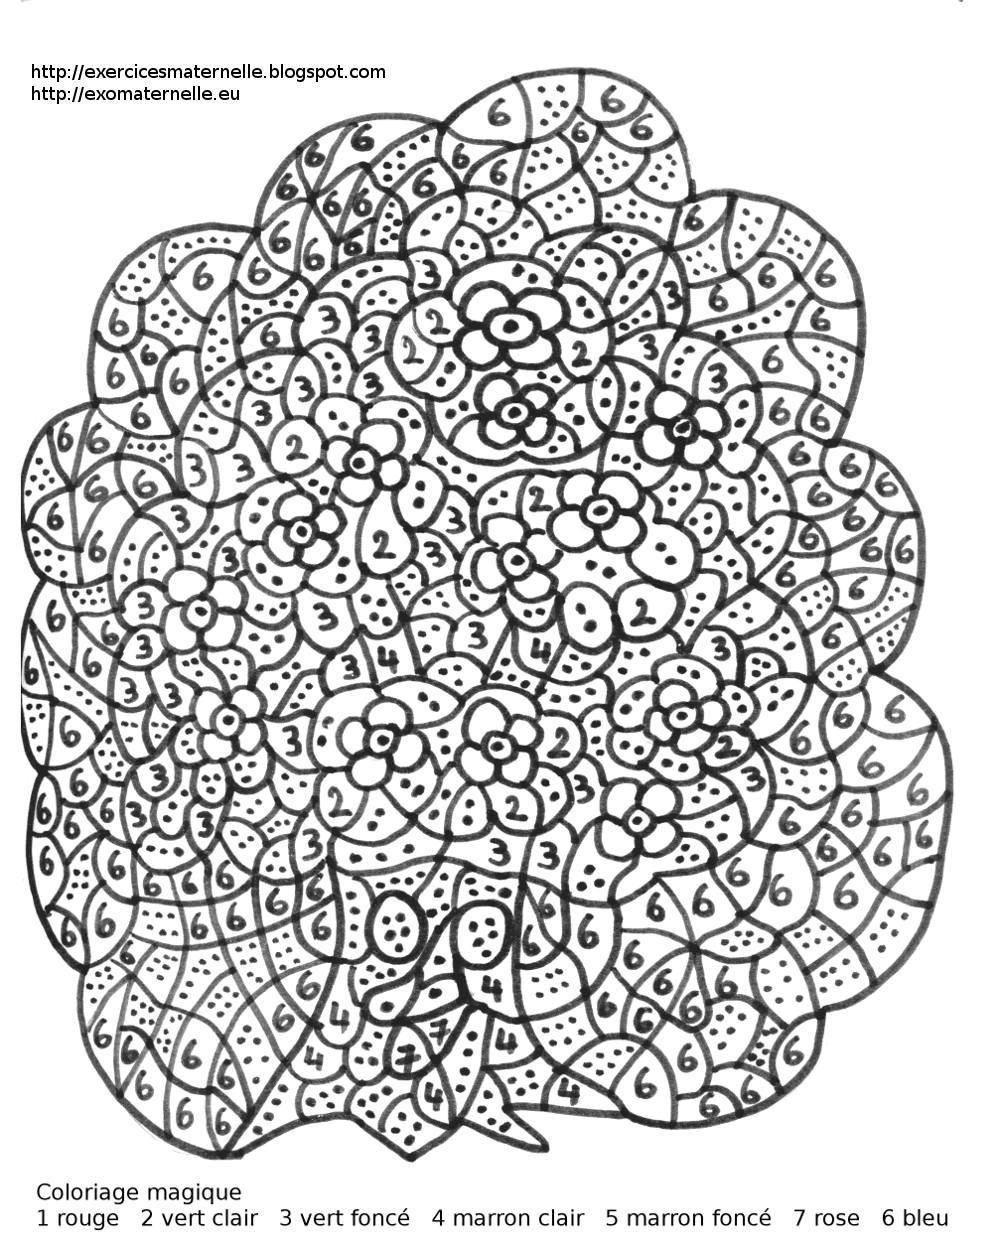 Coloriage magique maternelle un arbre souriant et fleuri